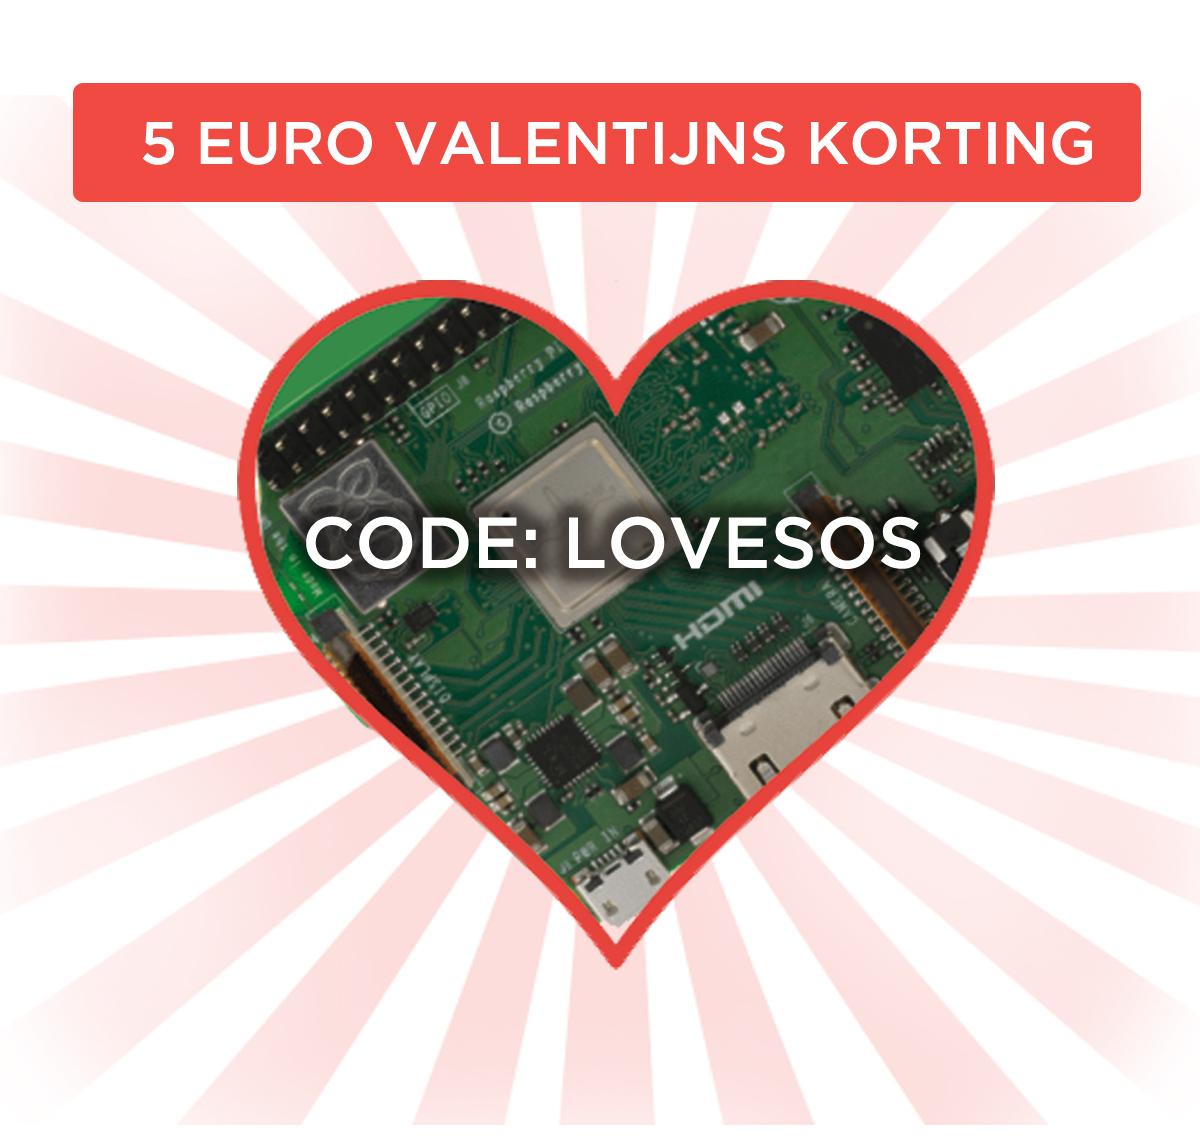 SOSsolutions valentijnskorting